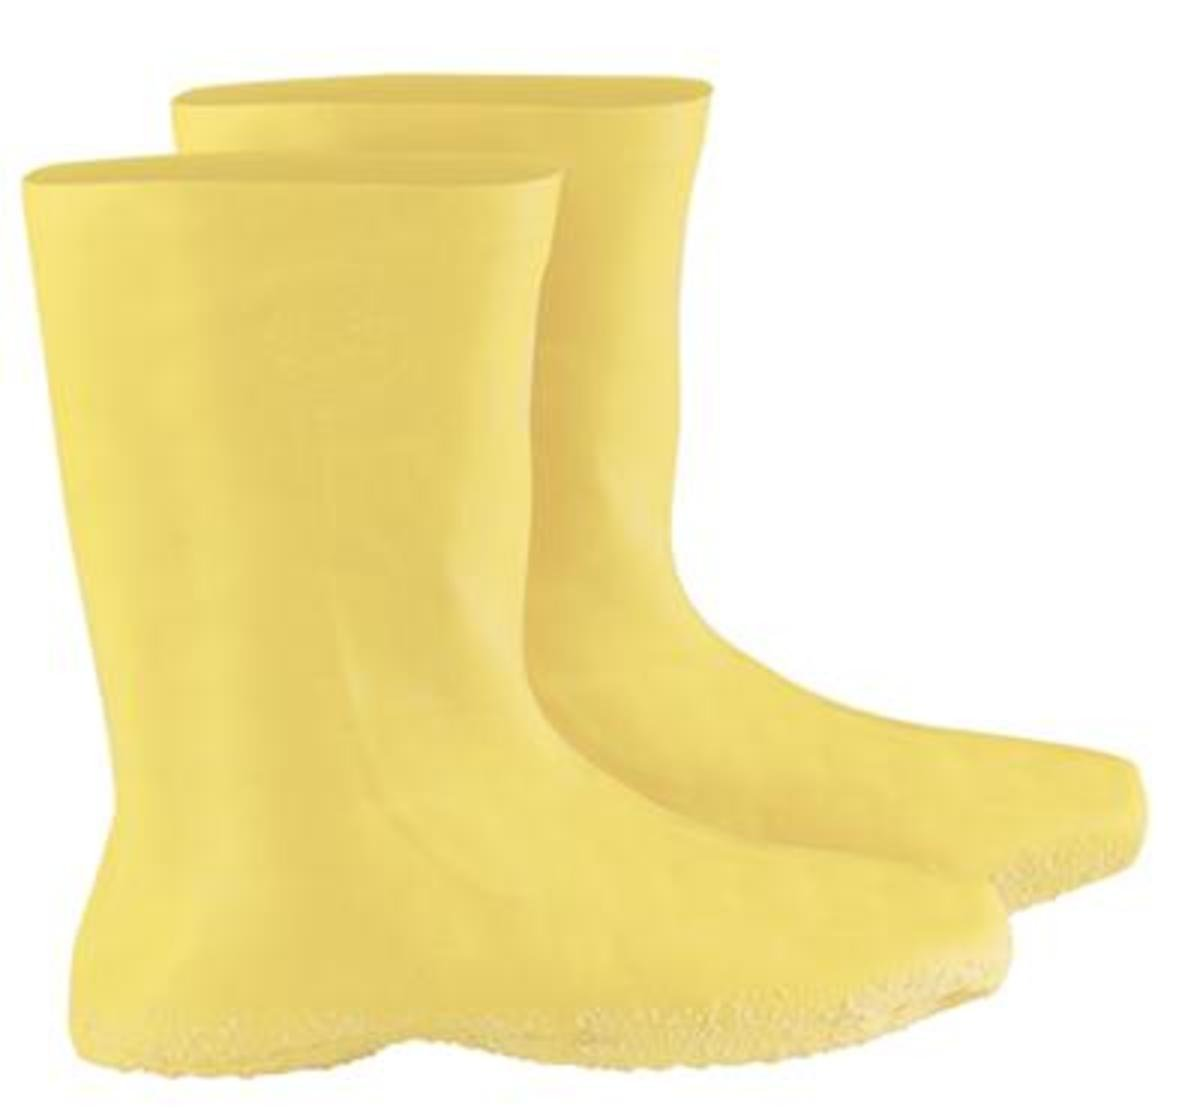 Radnor 5 popular 2X Yellow 12